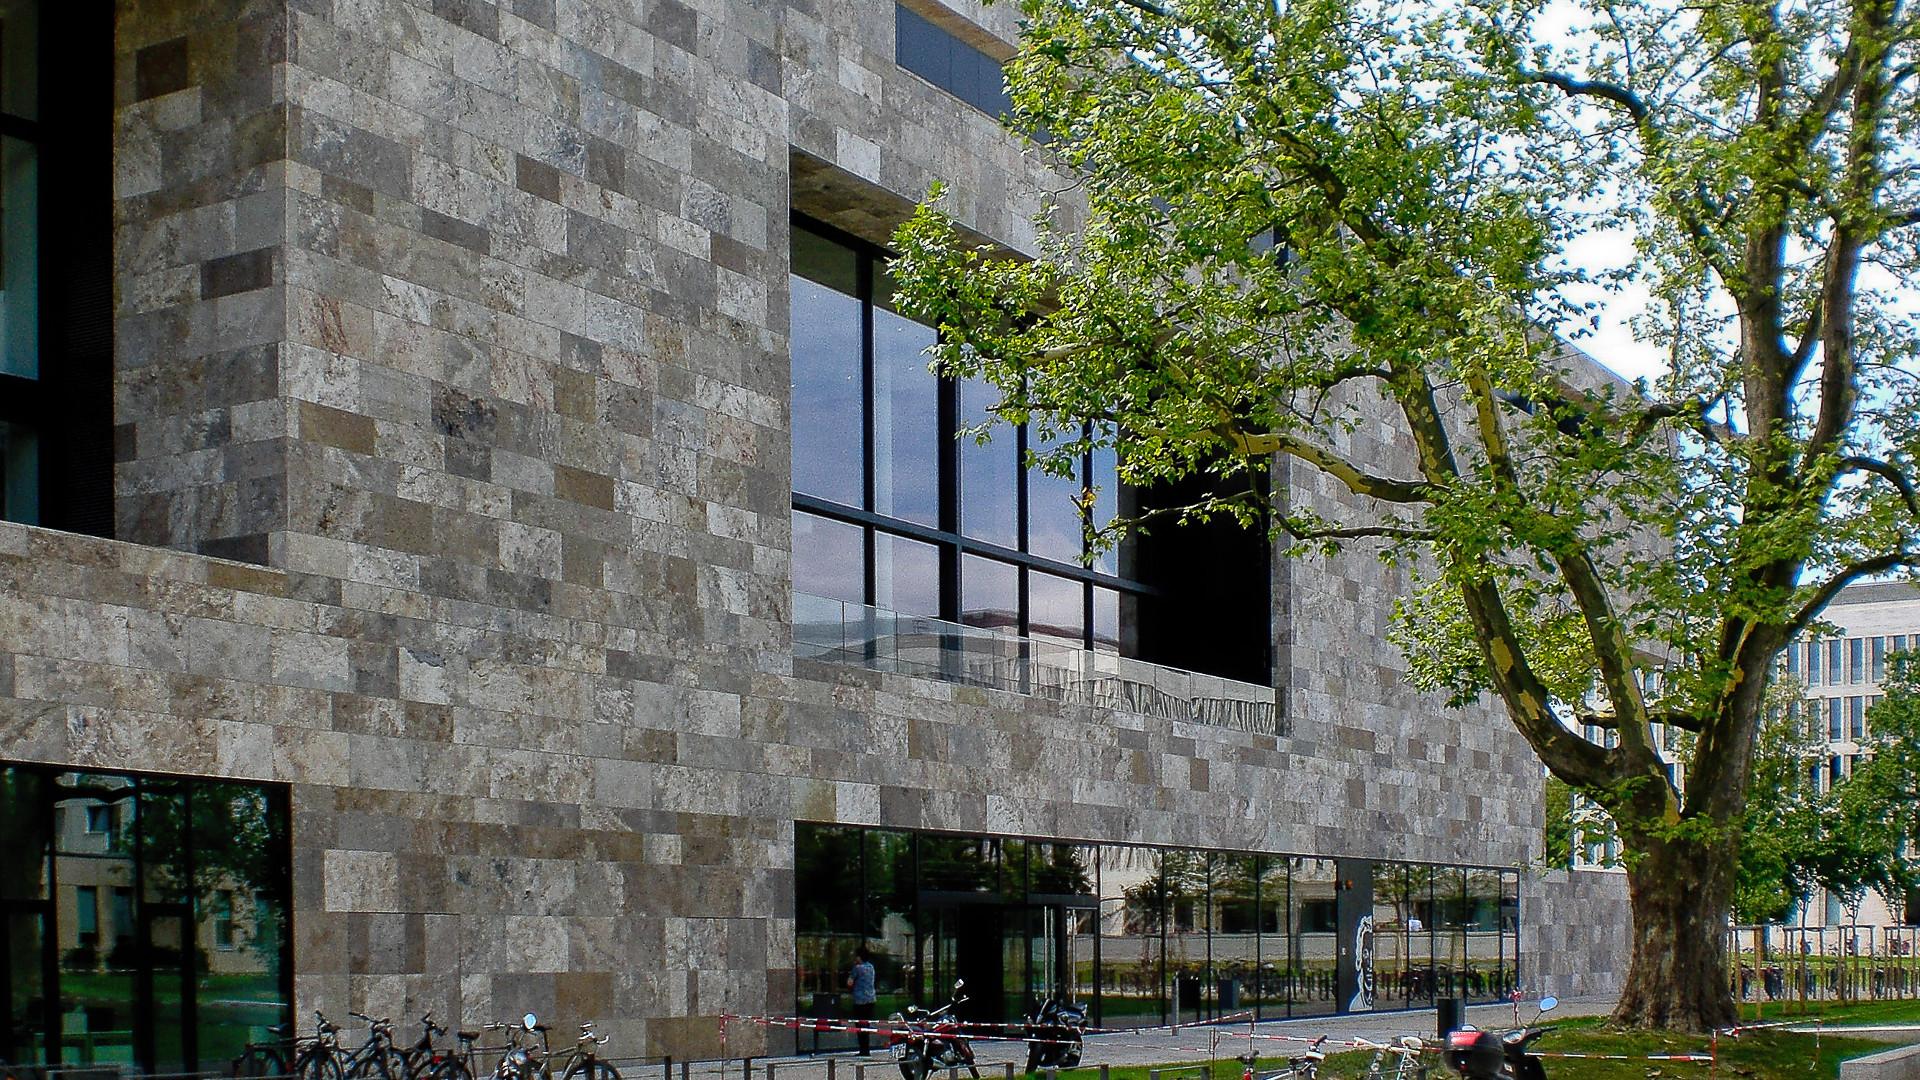 Progetto facciata per Università di Francoforte